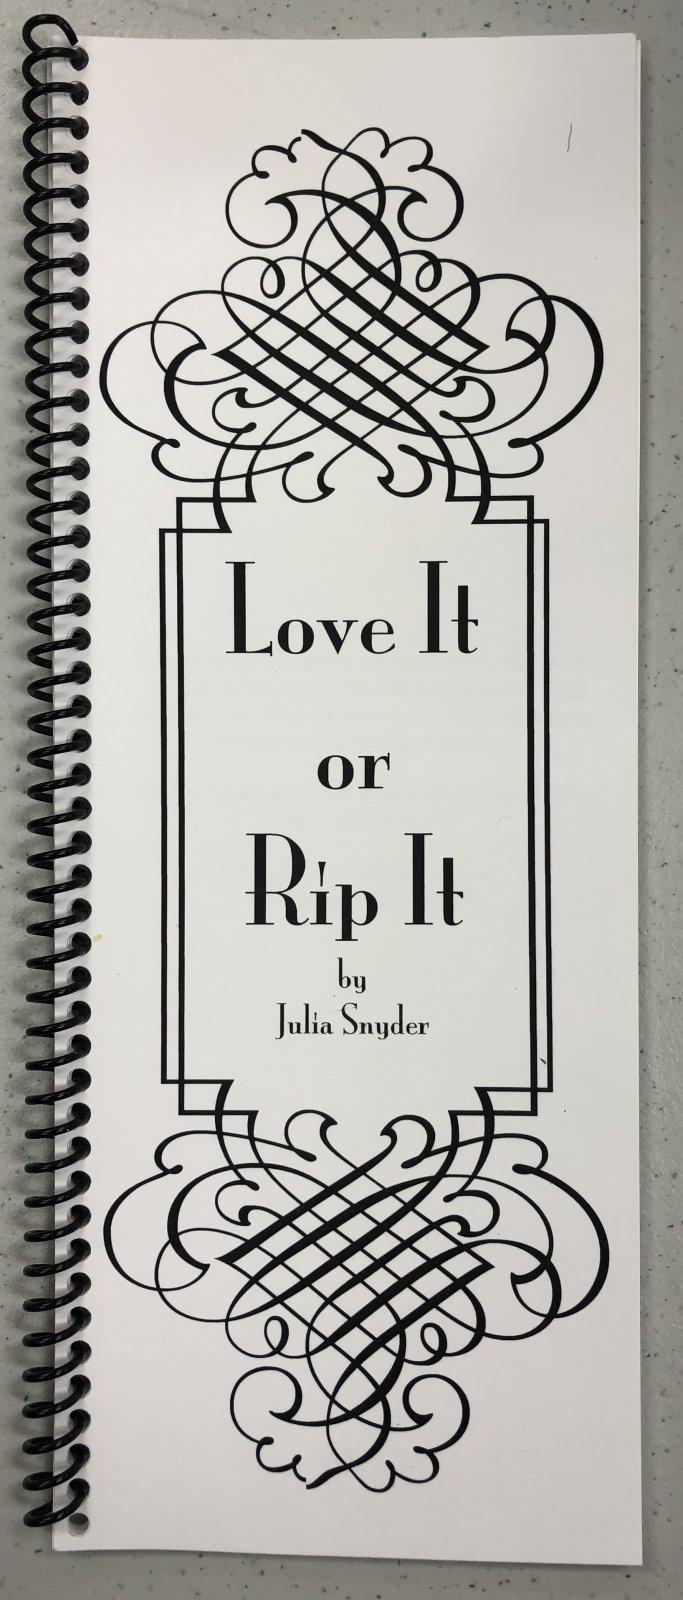 love it or rip it!